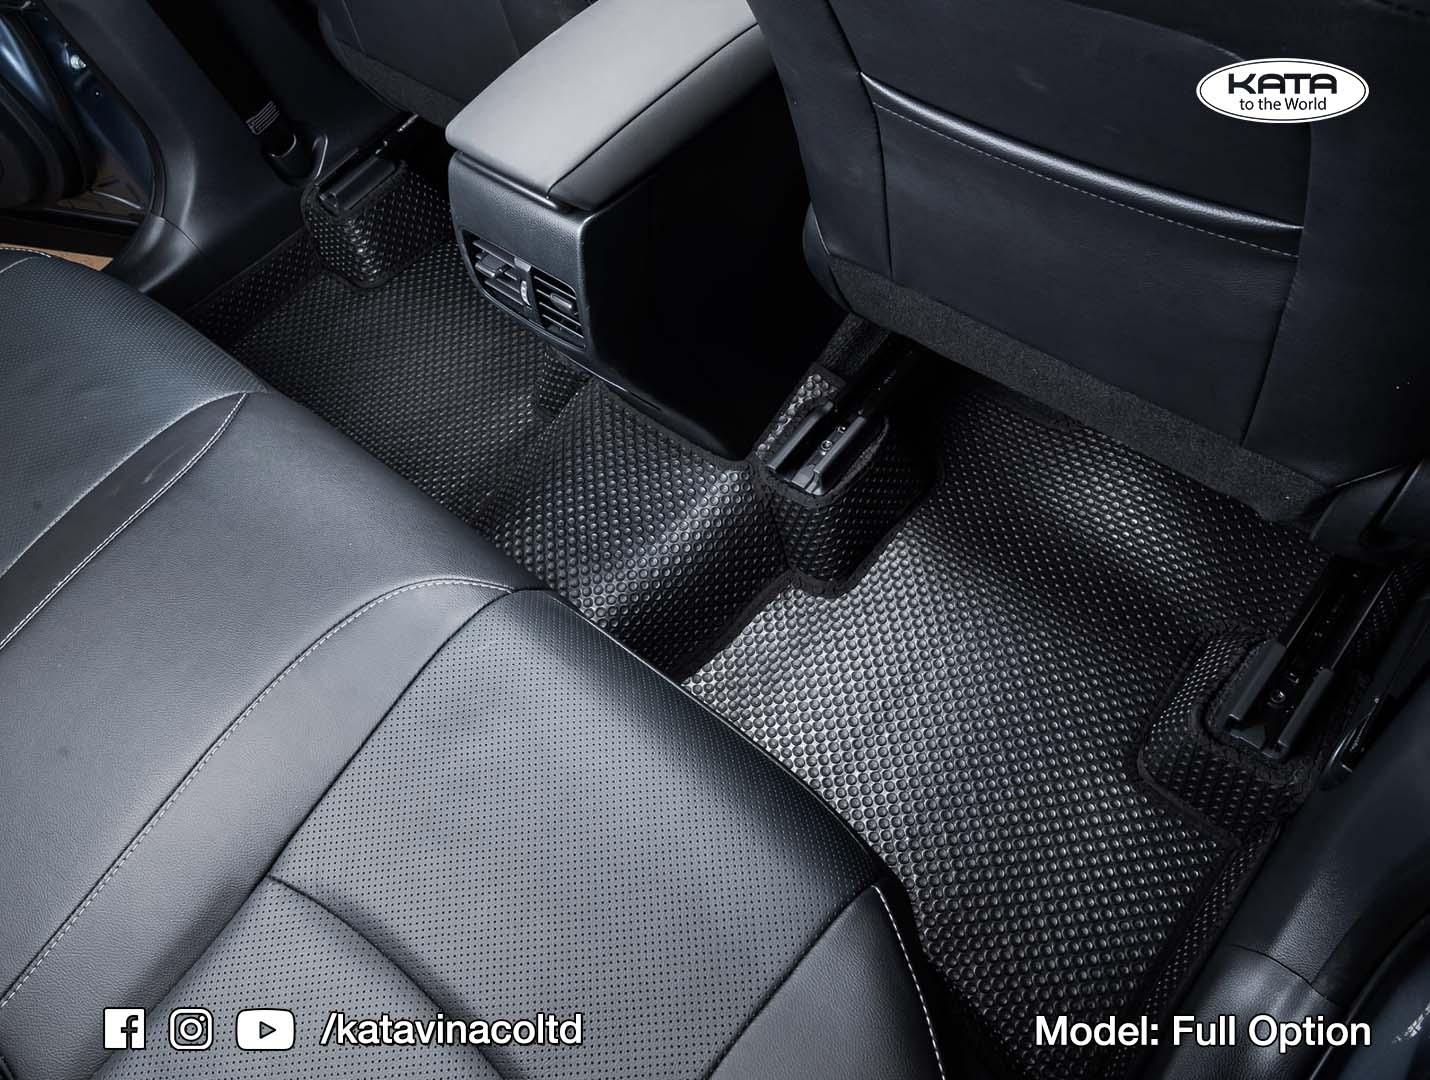 Thảm Toyota Cross phiên bản Full Option KATA